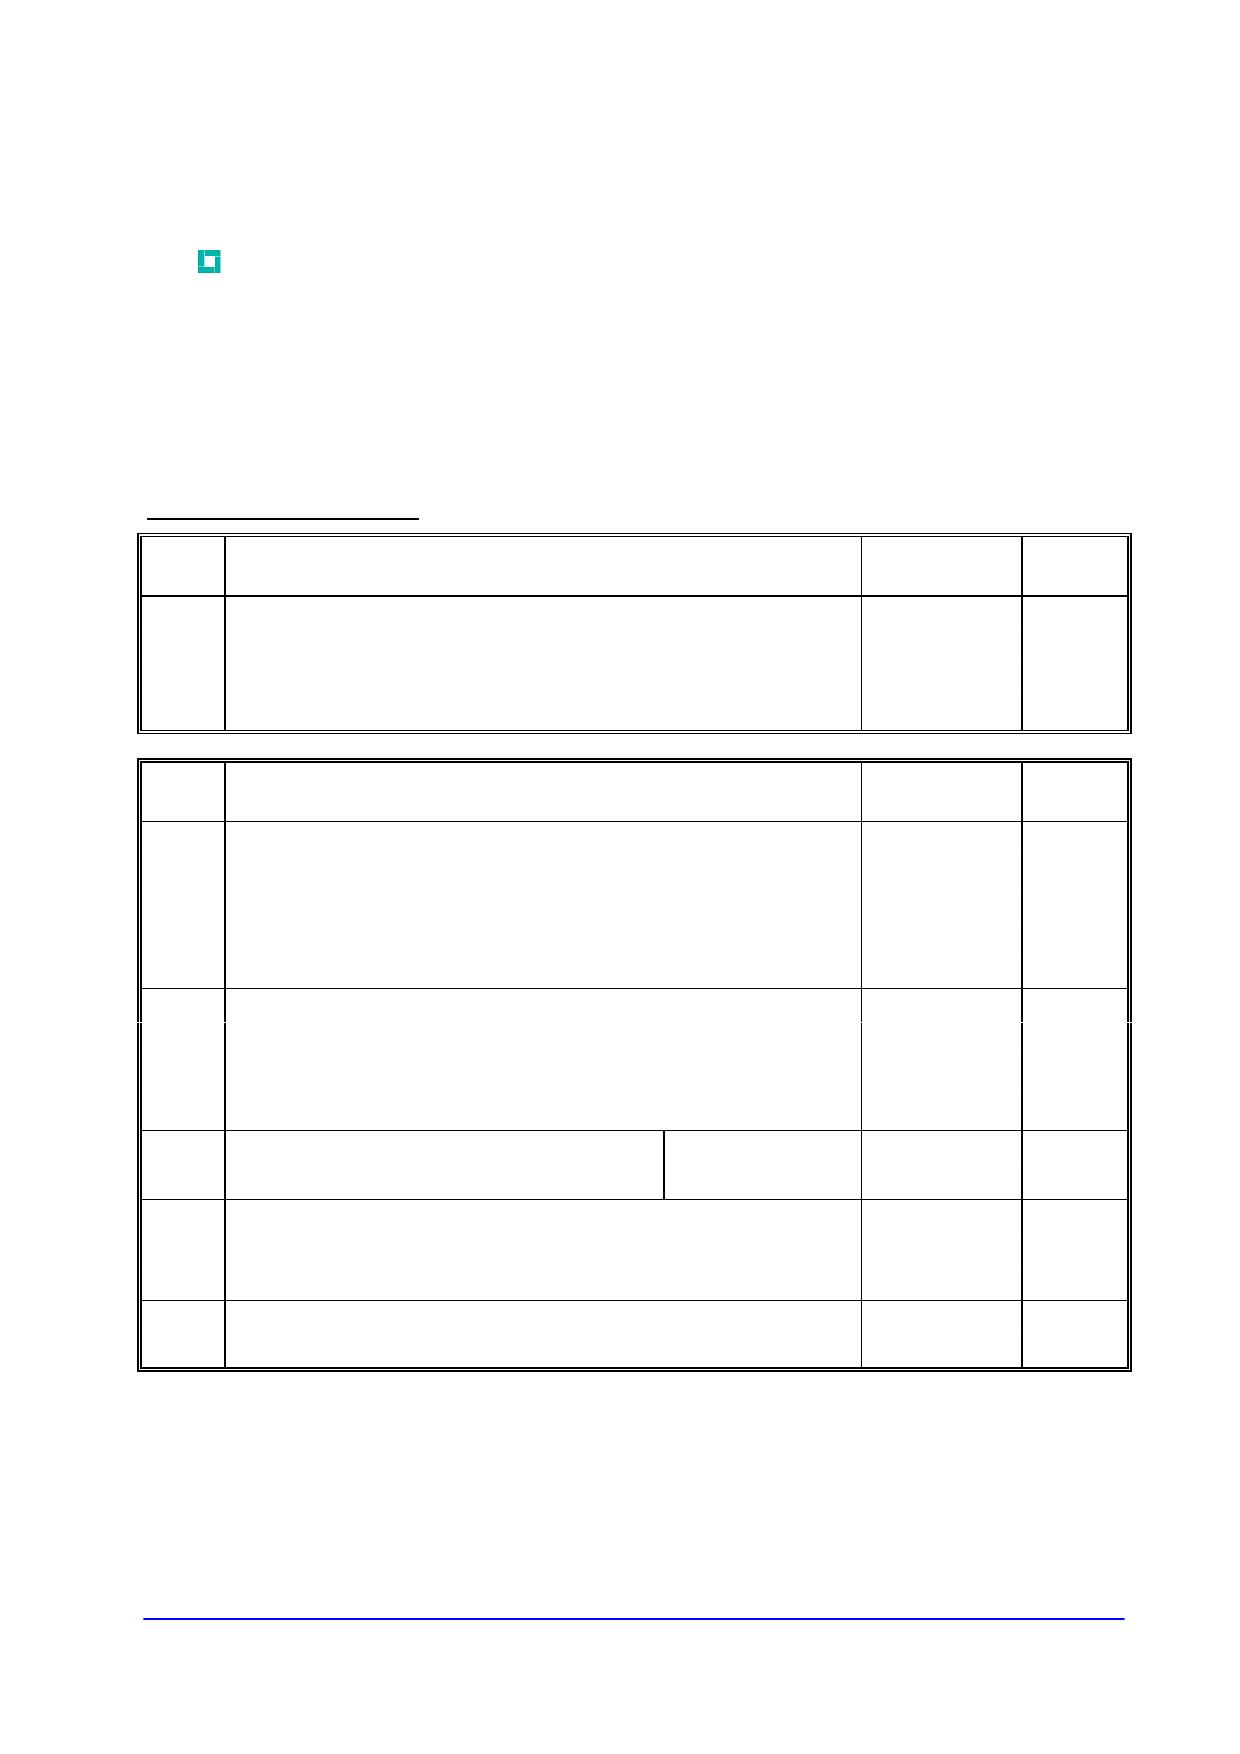 K0443LG620 datasheet